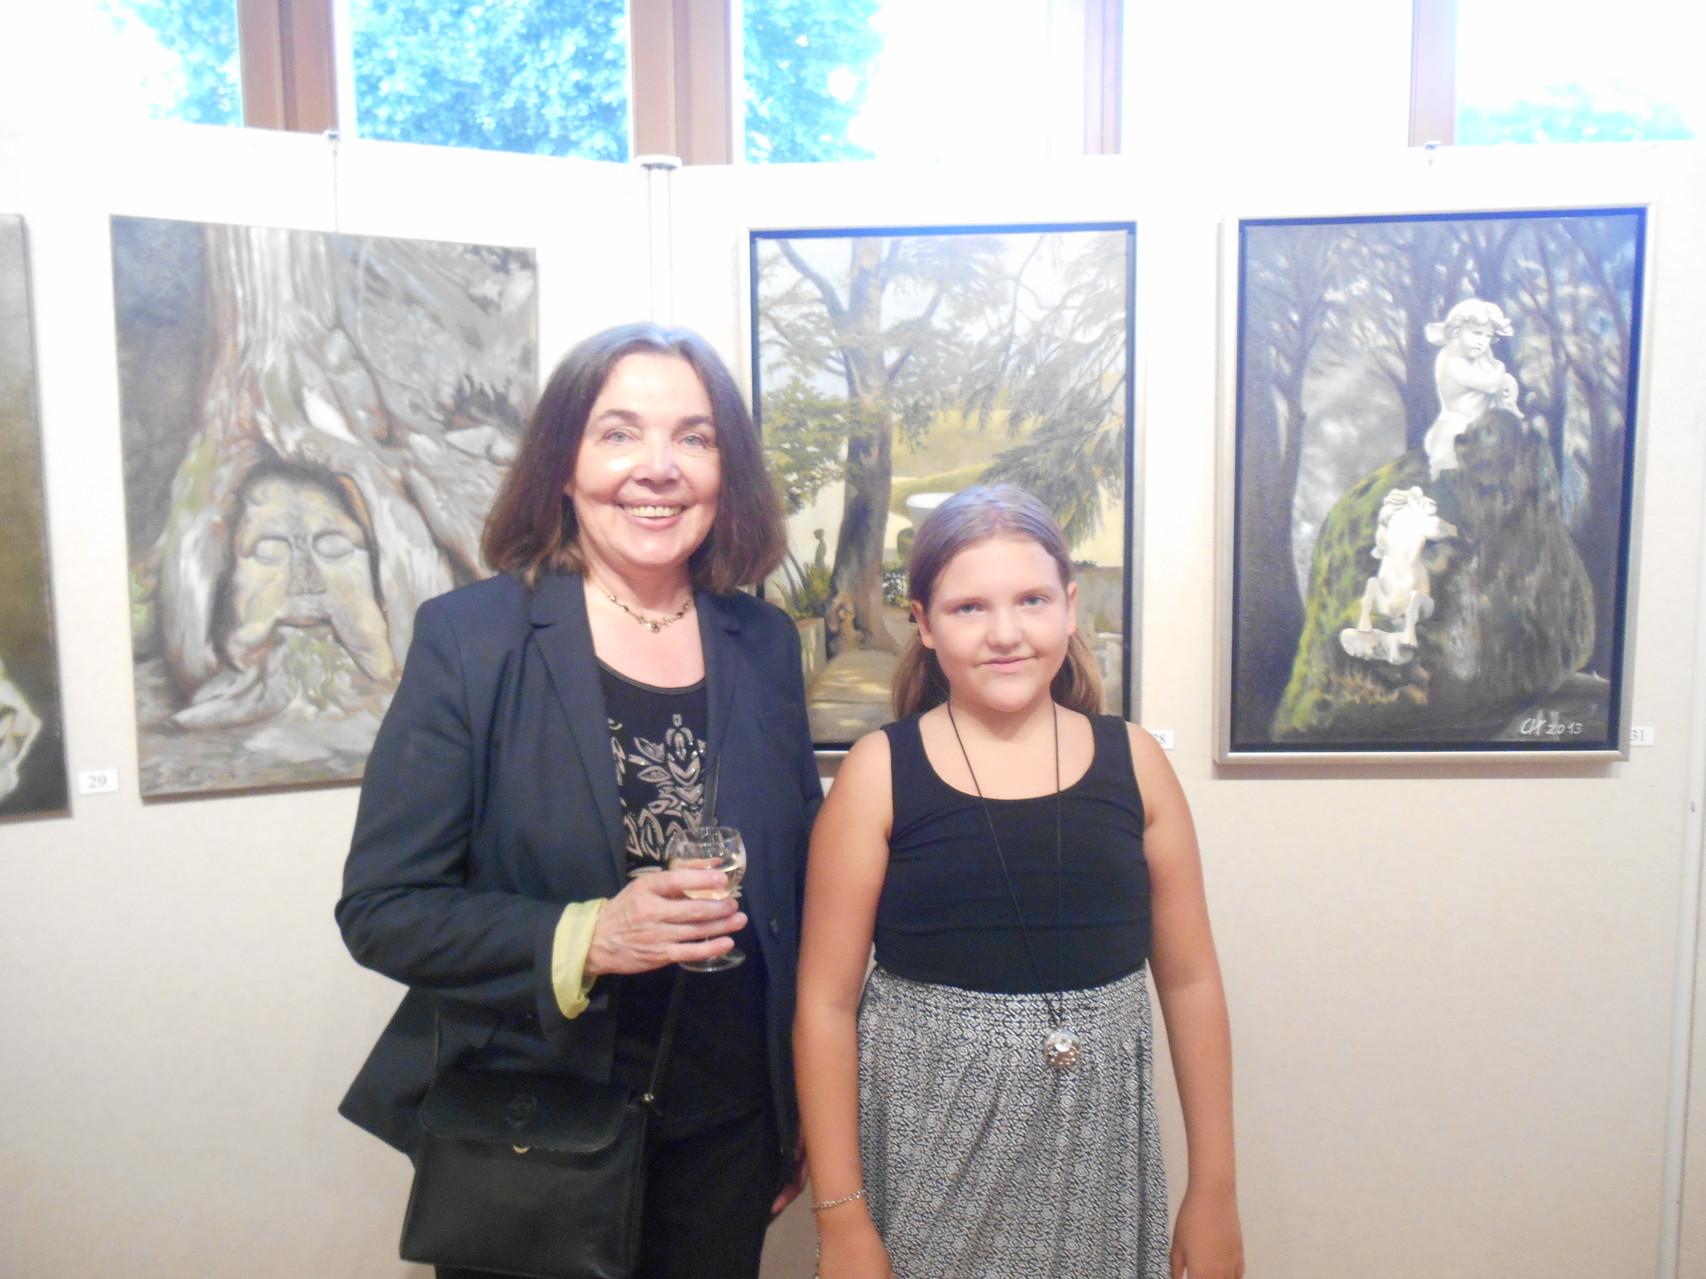 Frau Cornelia Hagen-Fuchs - ihre Vernissage mit wunderschönen Bildern - 26.6.2014